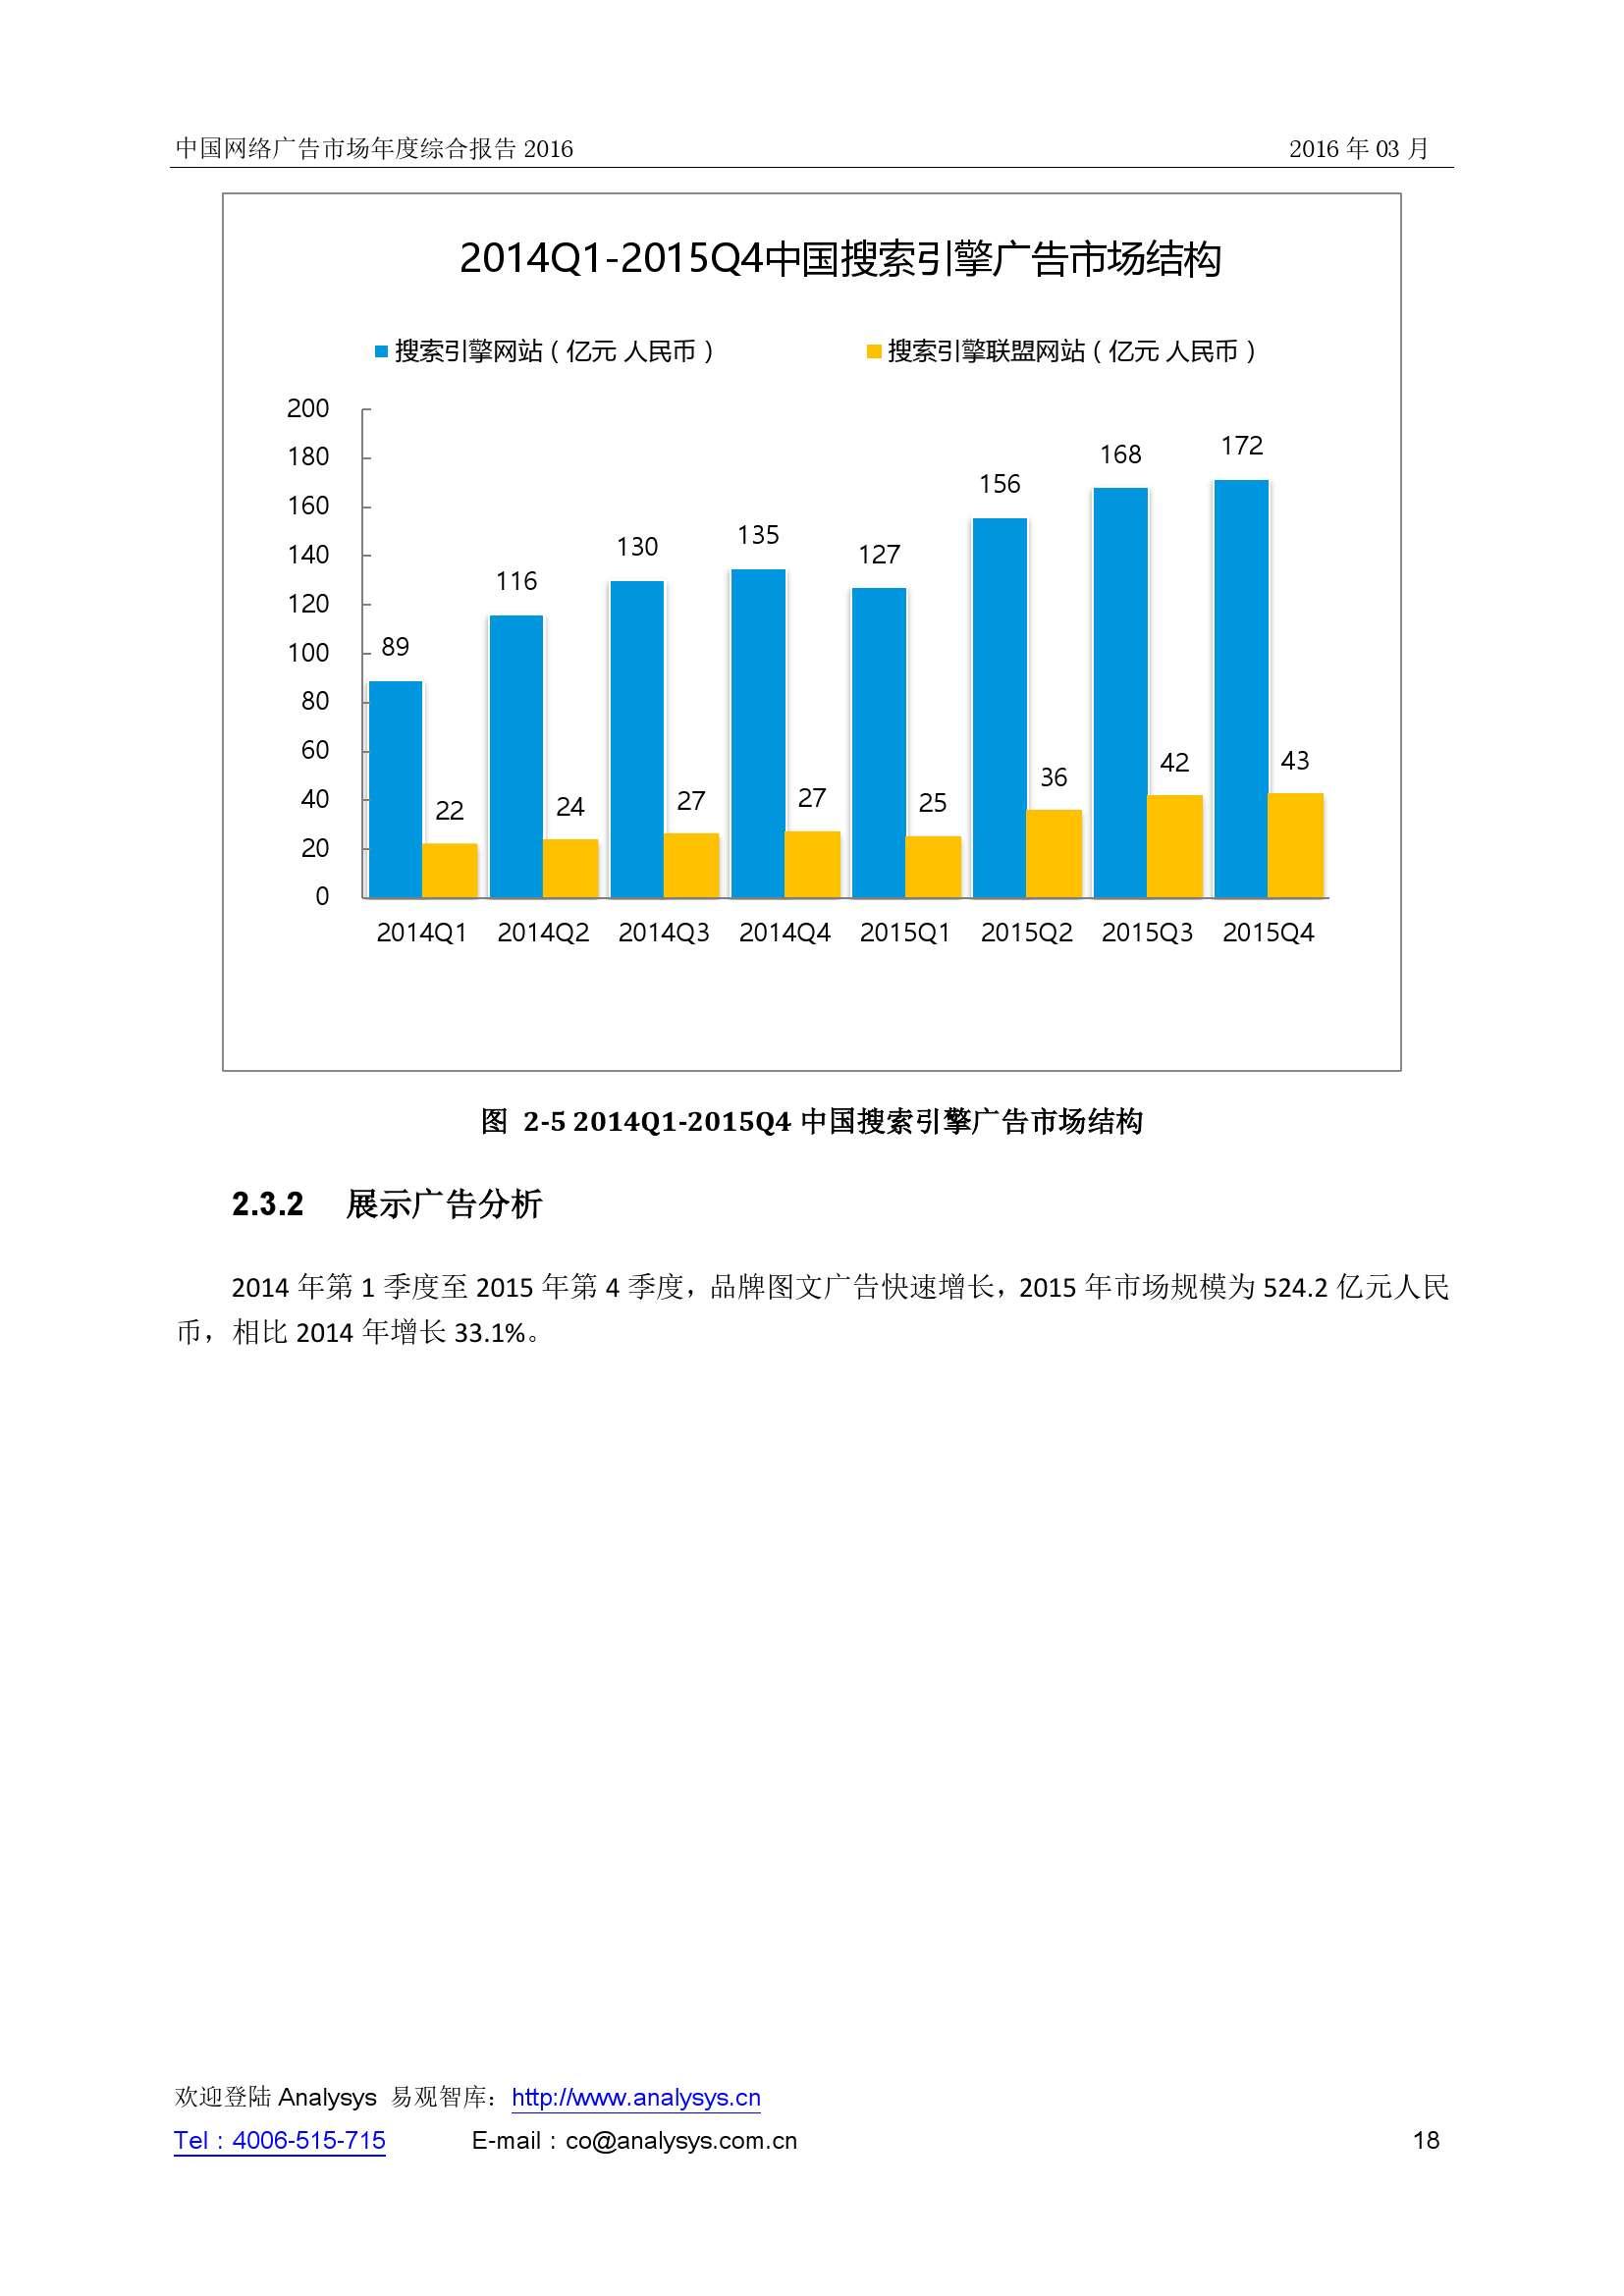 中国网络广告市场年度综合报告2016_000018